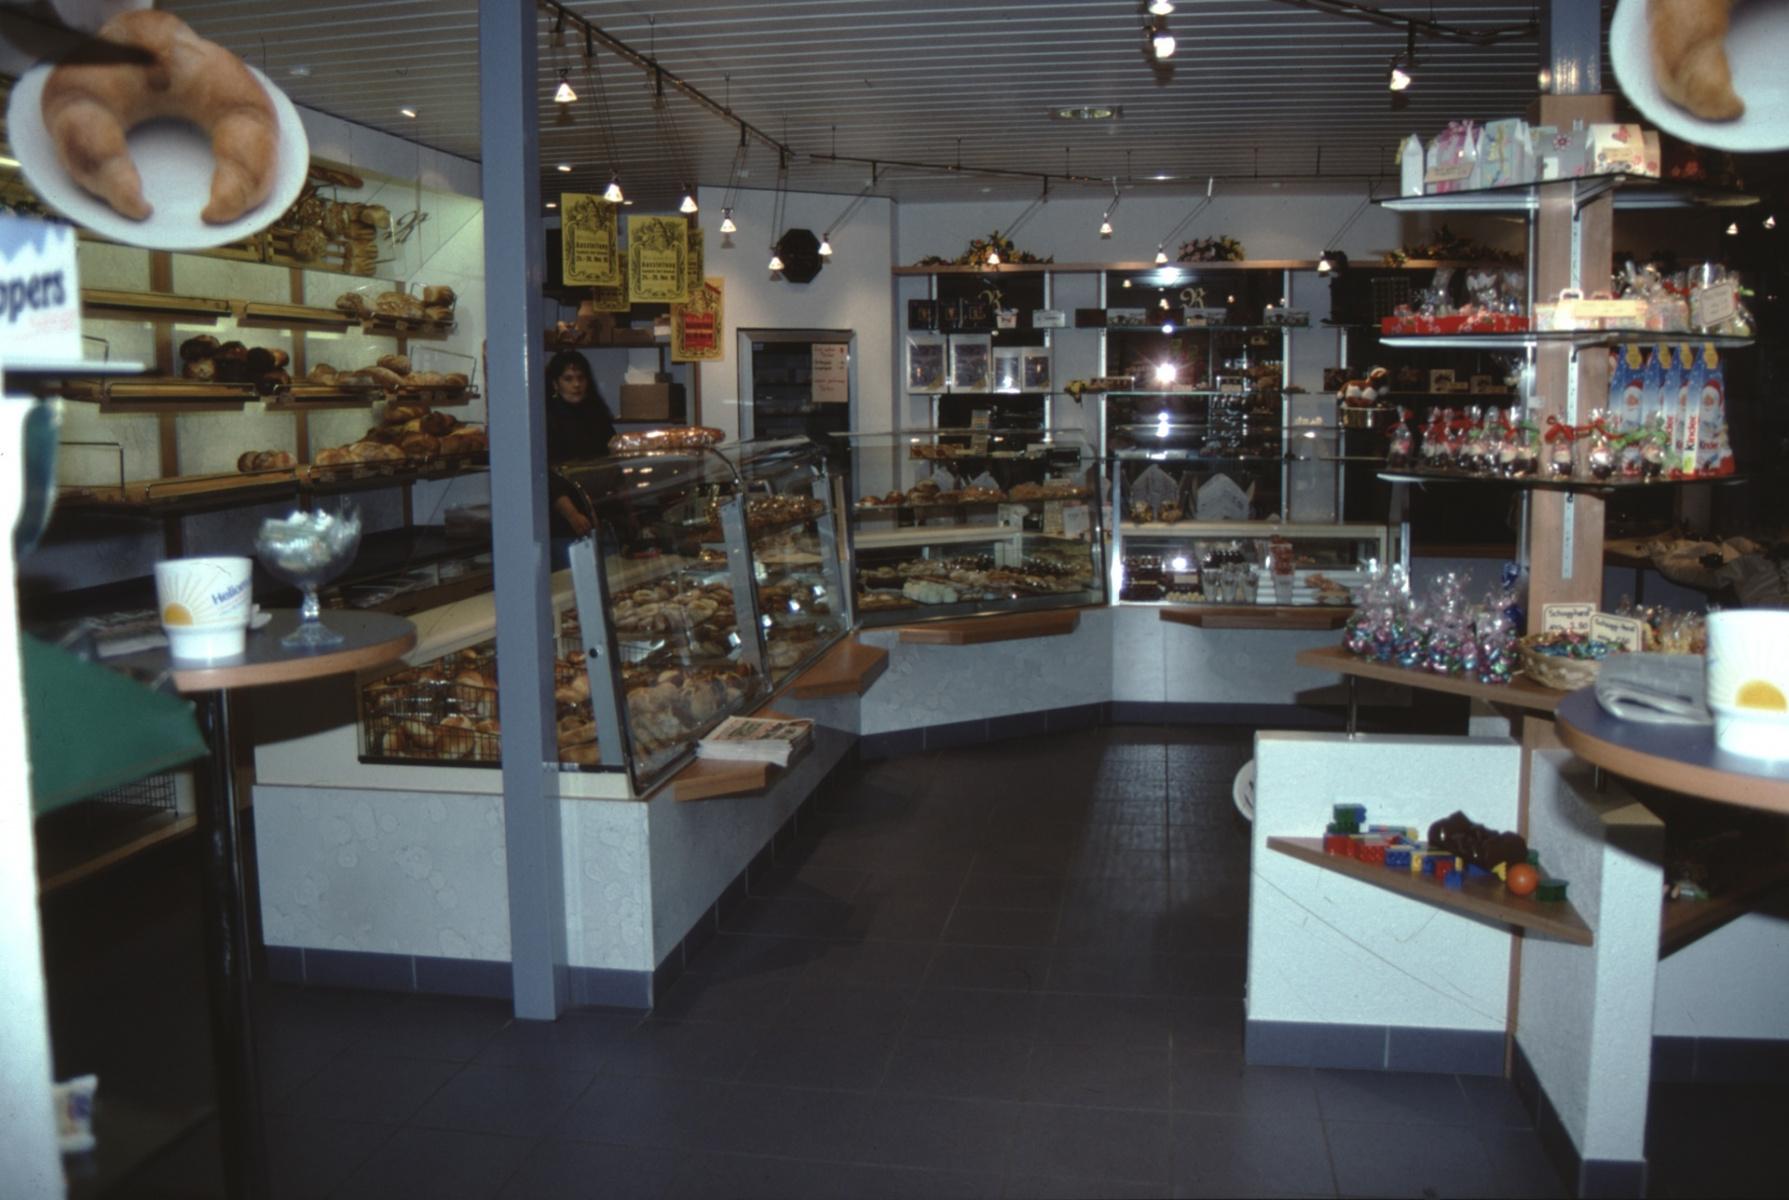 Bäckerei Conditorei Rahtgeg (Theke von der Seite)